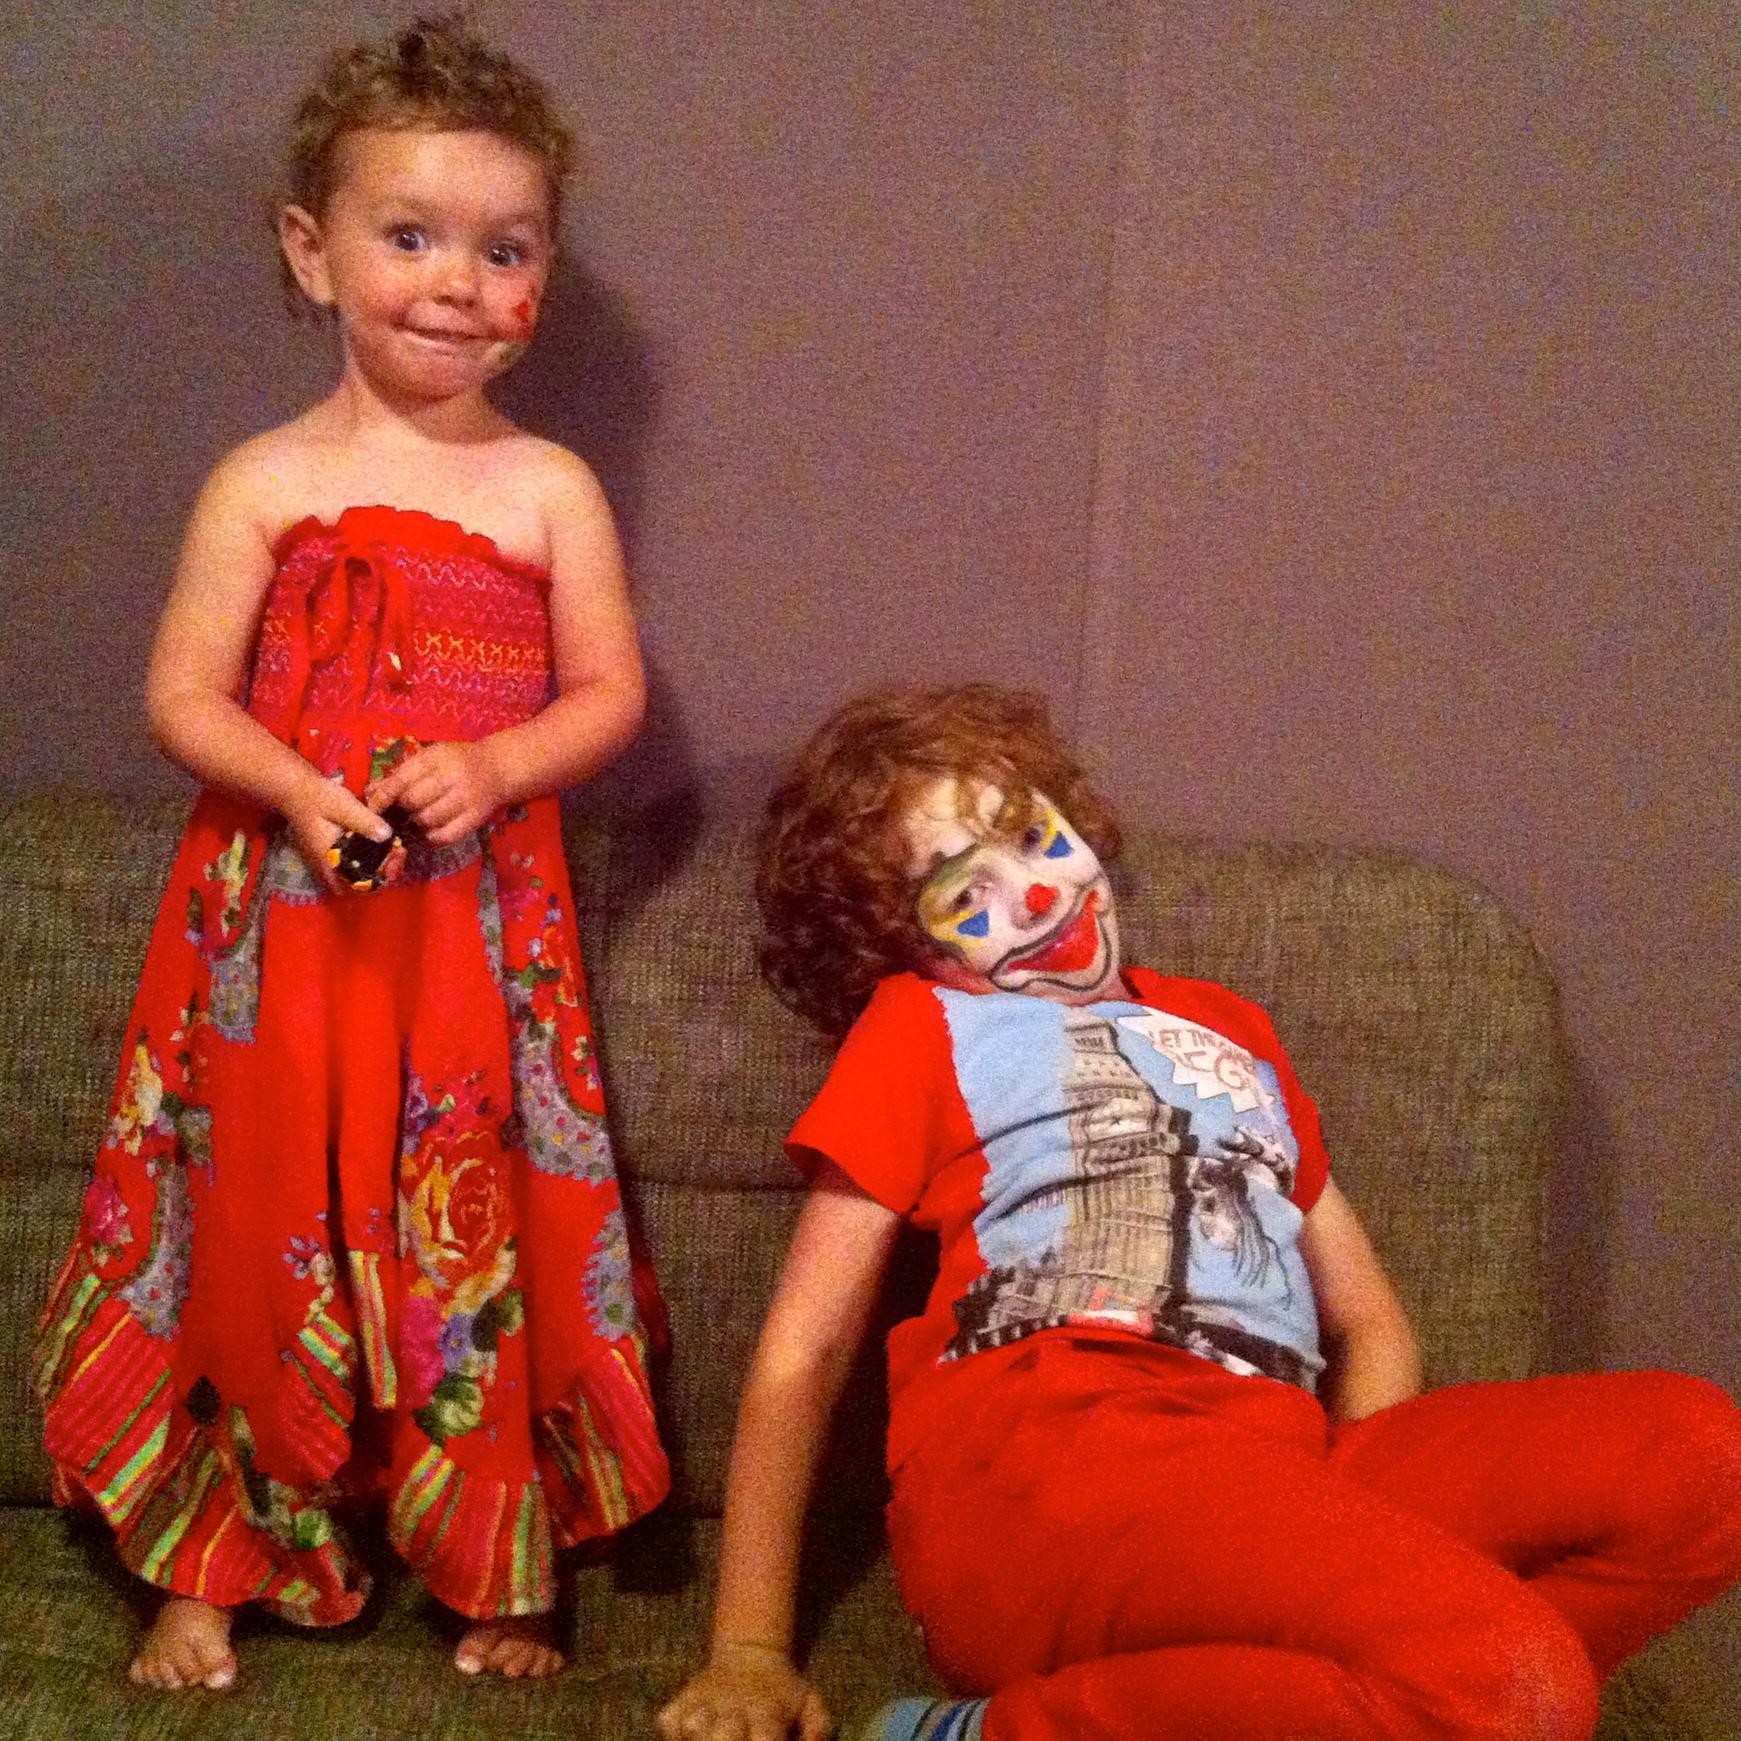 Naughty Kids